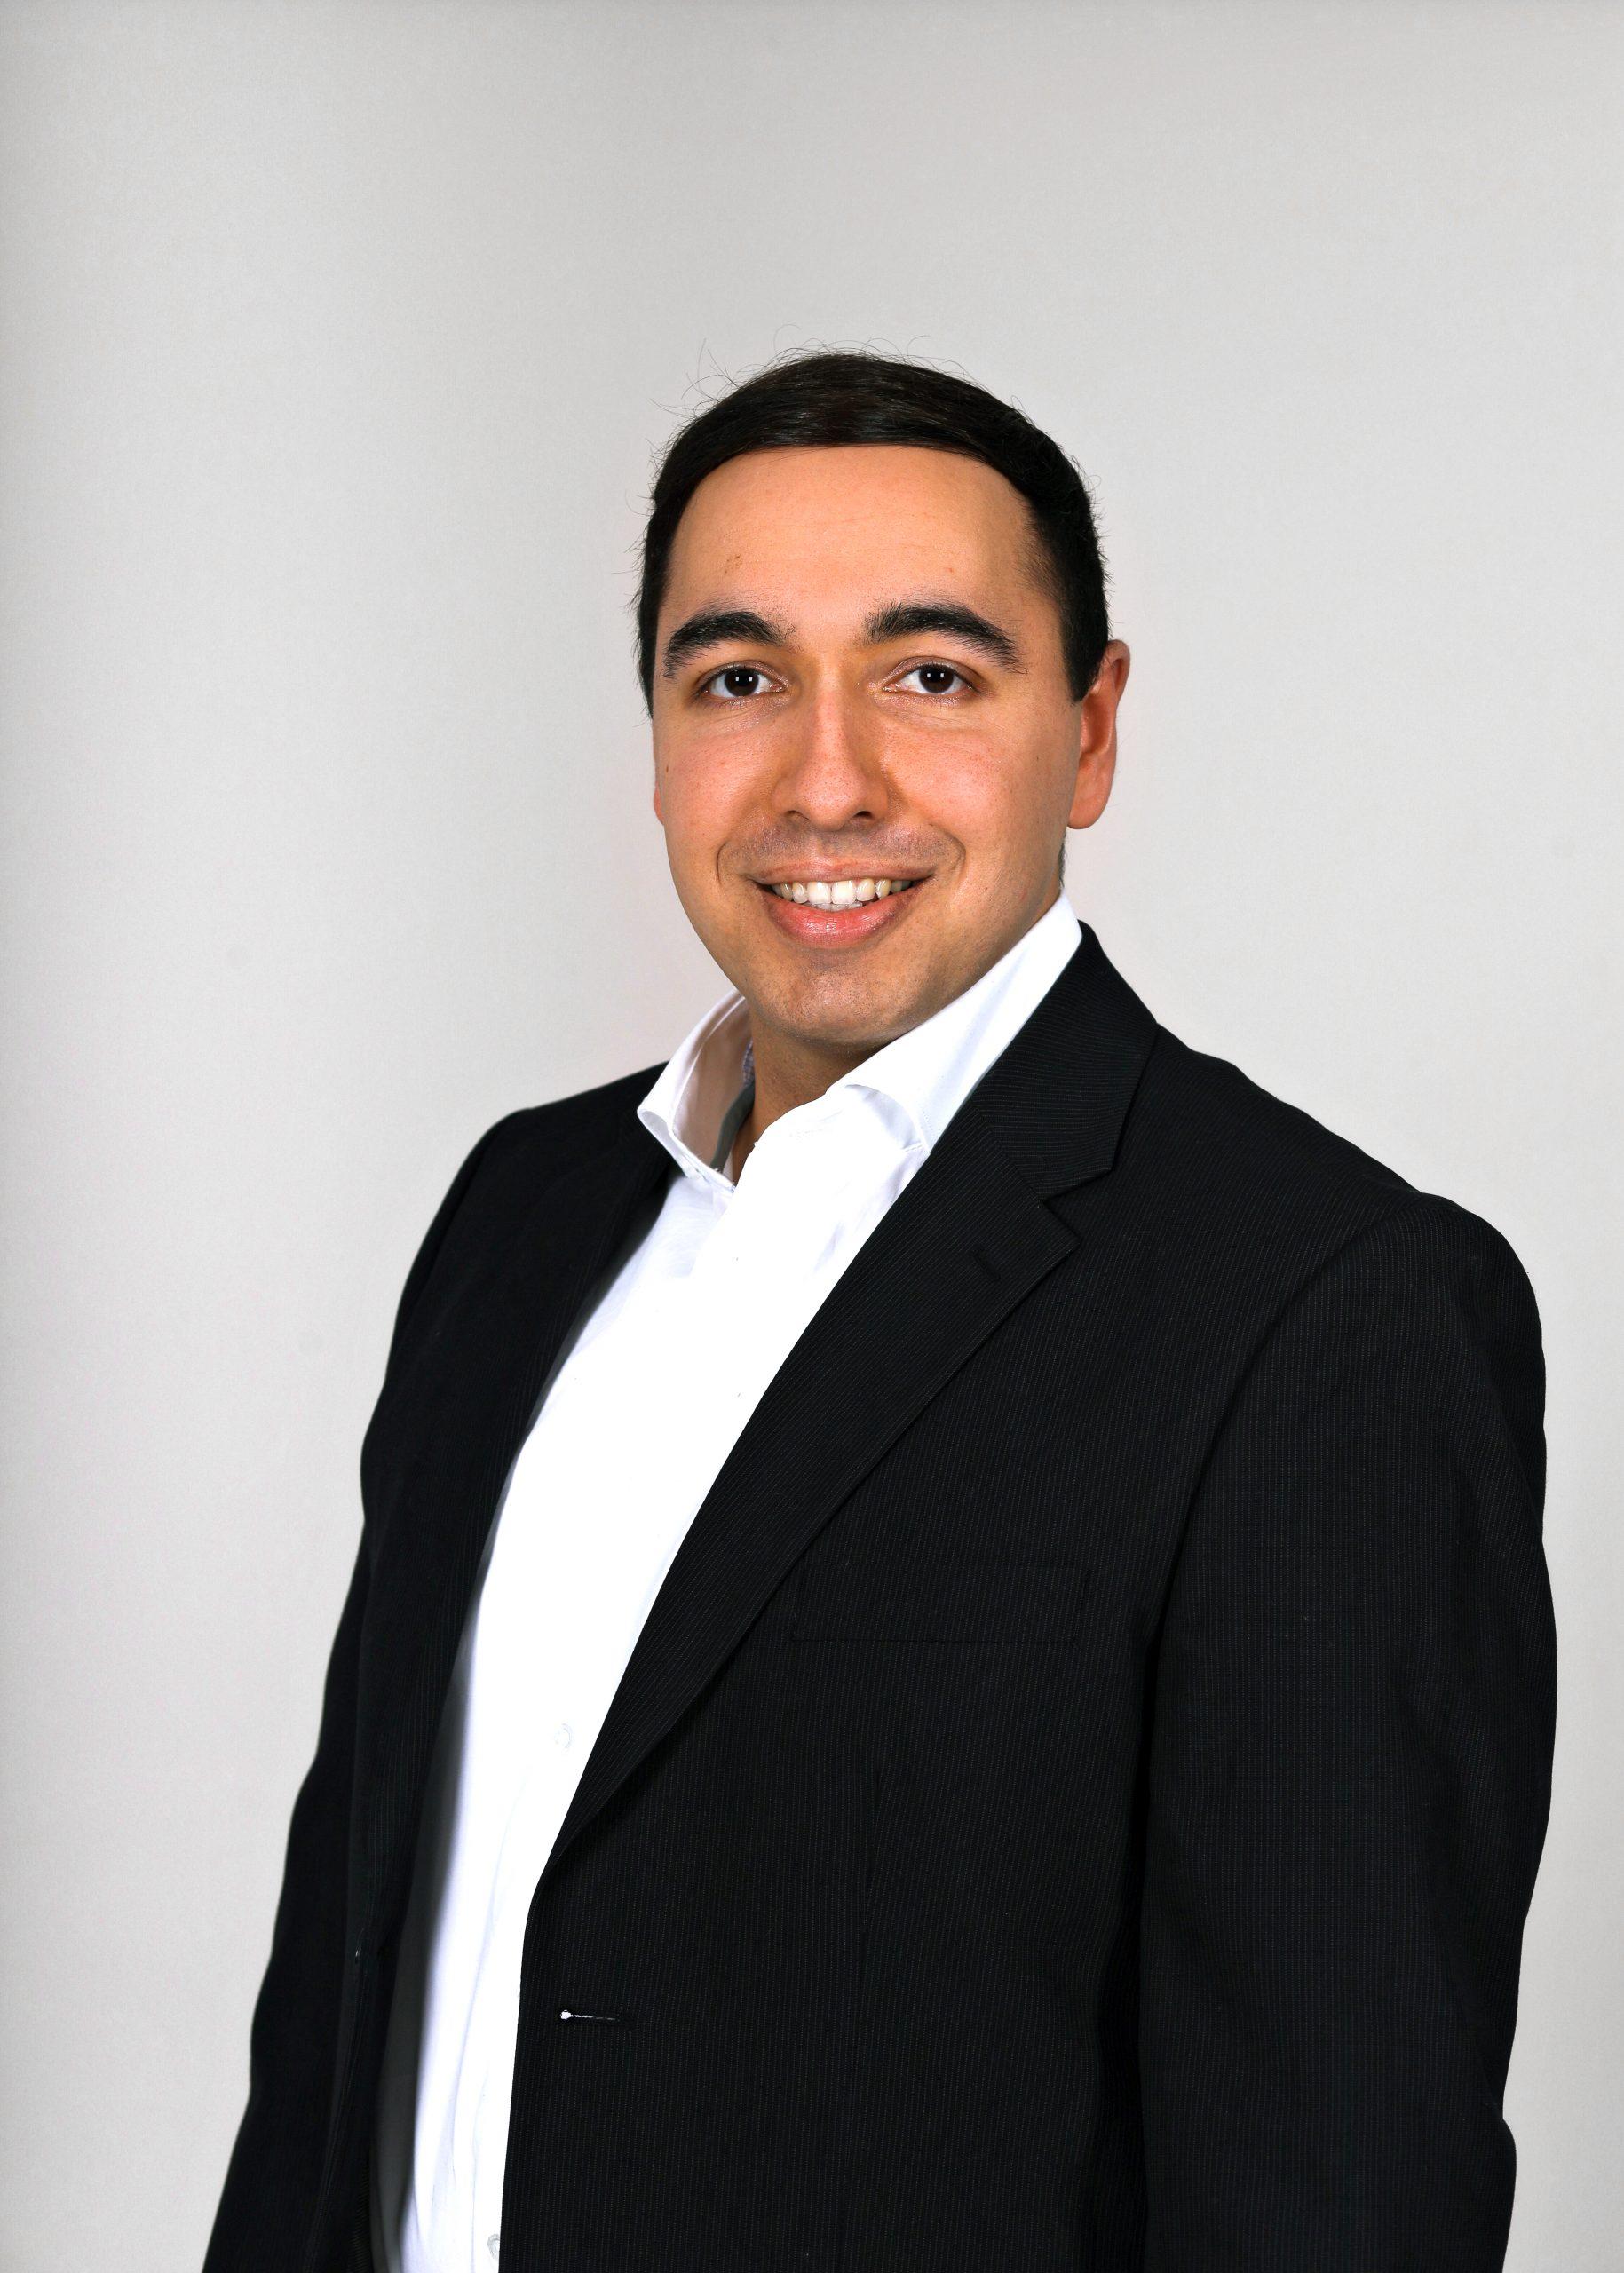 Ben David Singh